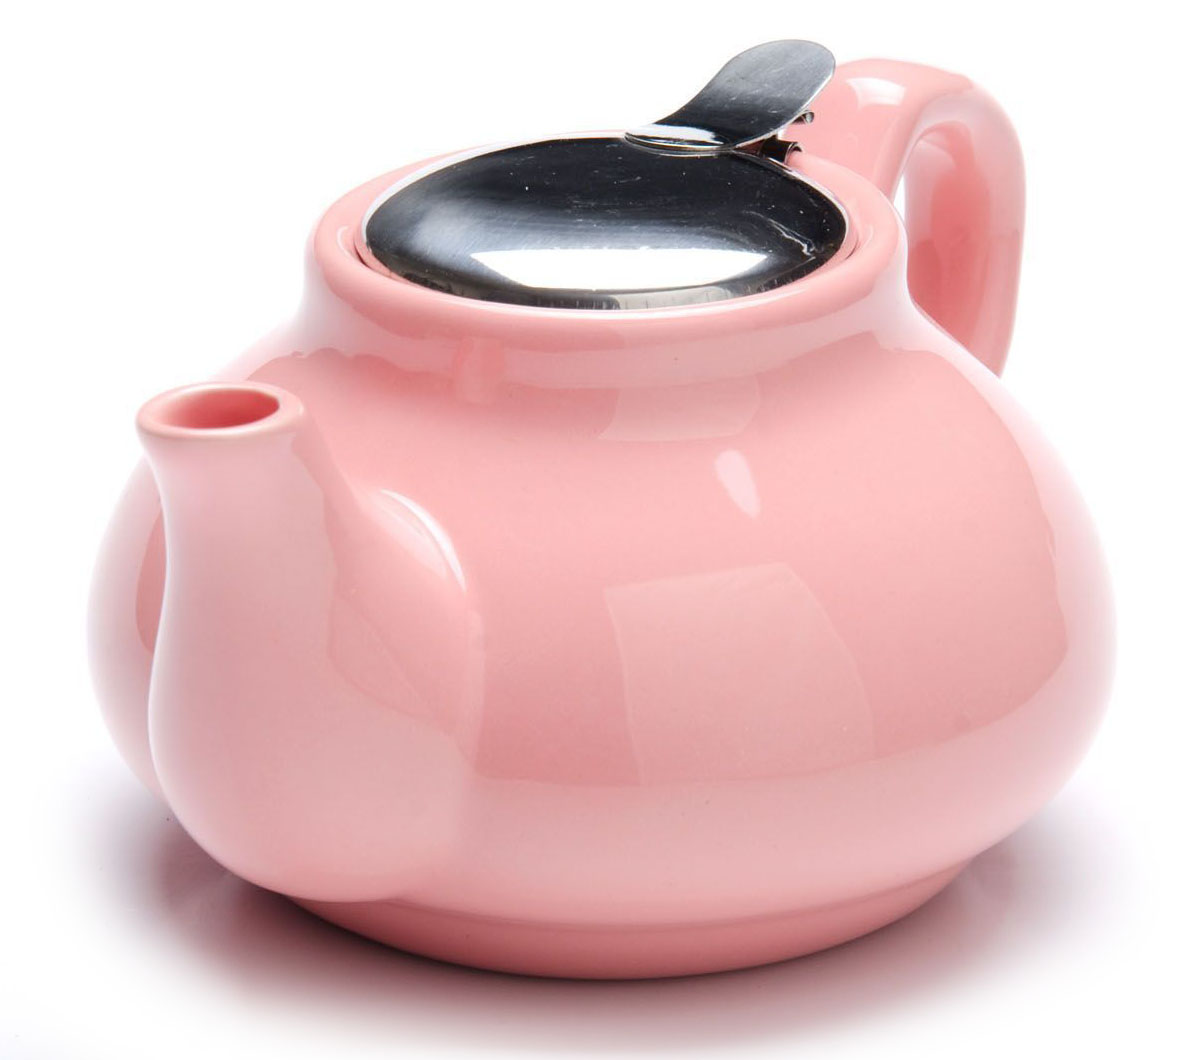 Заварочный чайник Loraine, цвет: розовый, 750 мл. 26594-326816-1Заварочный чайник Loraine выполнен из высококачественной цветной керамики. Фильтр из нержавеющей стали для заваривания раскроет букет чая и не позволит чаинкам попасть в чашку. Удобная металлическая крышка поддержит нужную температуру для заваривания чая.Керамический чайник прост и удобен в применении, чайник легко мыть. Не ставьте чайник на открытый огонь и нагревающиеся поверхности.Подходит для мытья в посудомоечной машине.